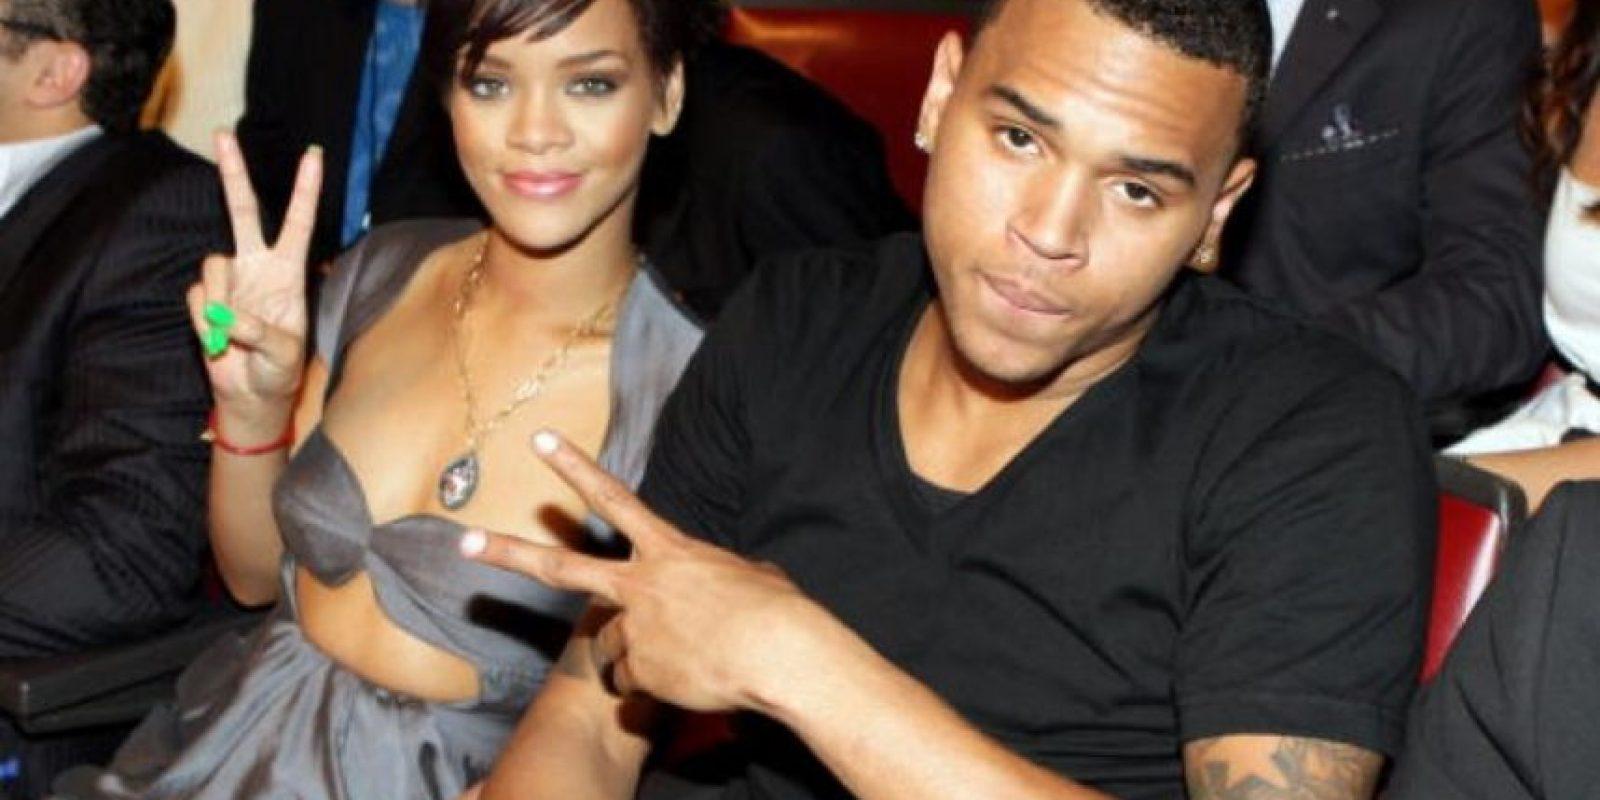 En 2009 Chris Brown se declaró culpable de haber maltratado a Rihanna. Esta ruptura sí que alegró a todos. Pero volvieron en 2013… por un tiempo. Y luego, se separaron. Foto:Getty Images